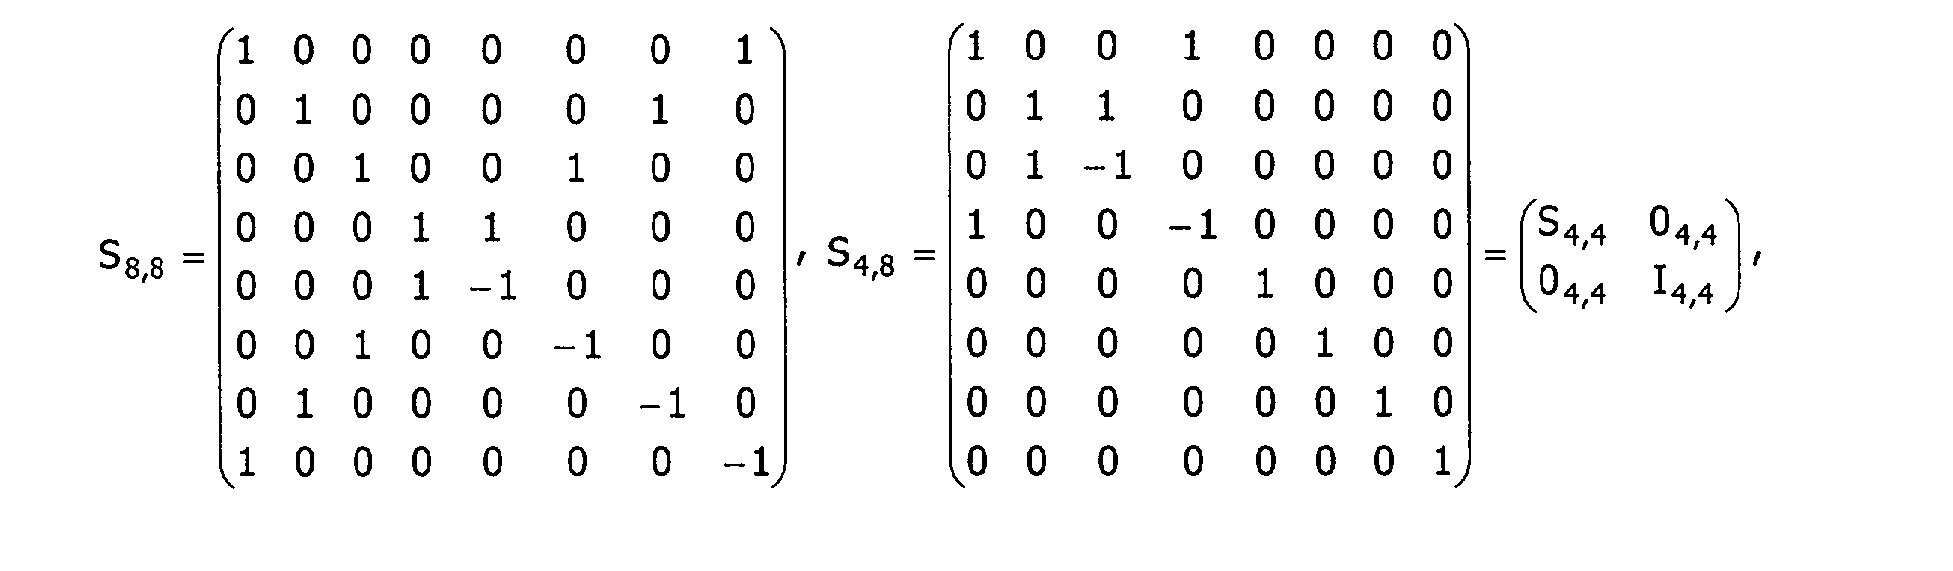 Figure img00050005